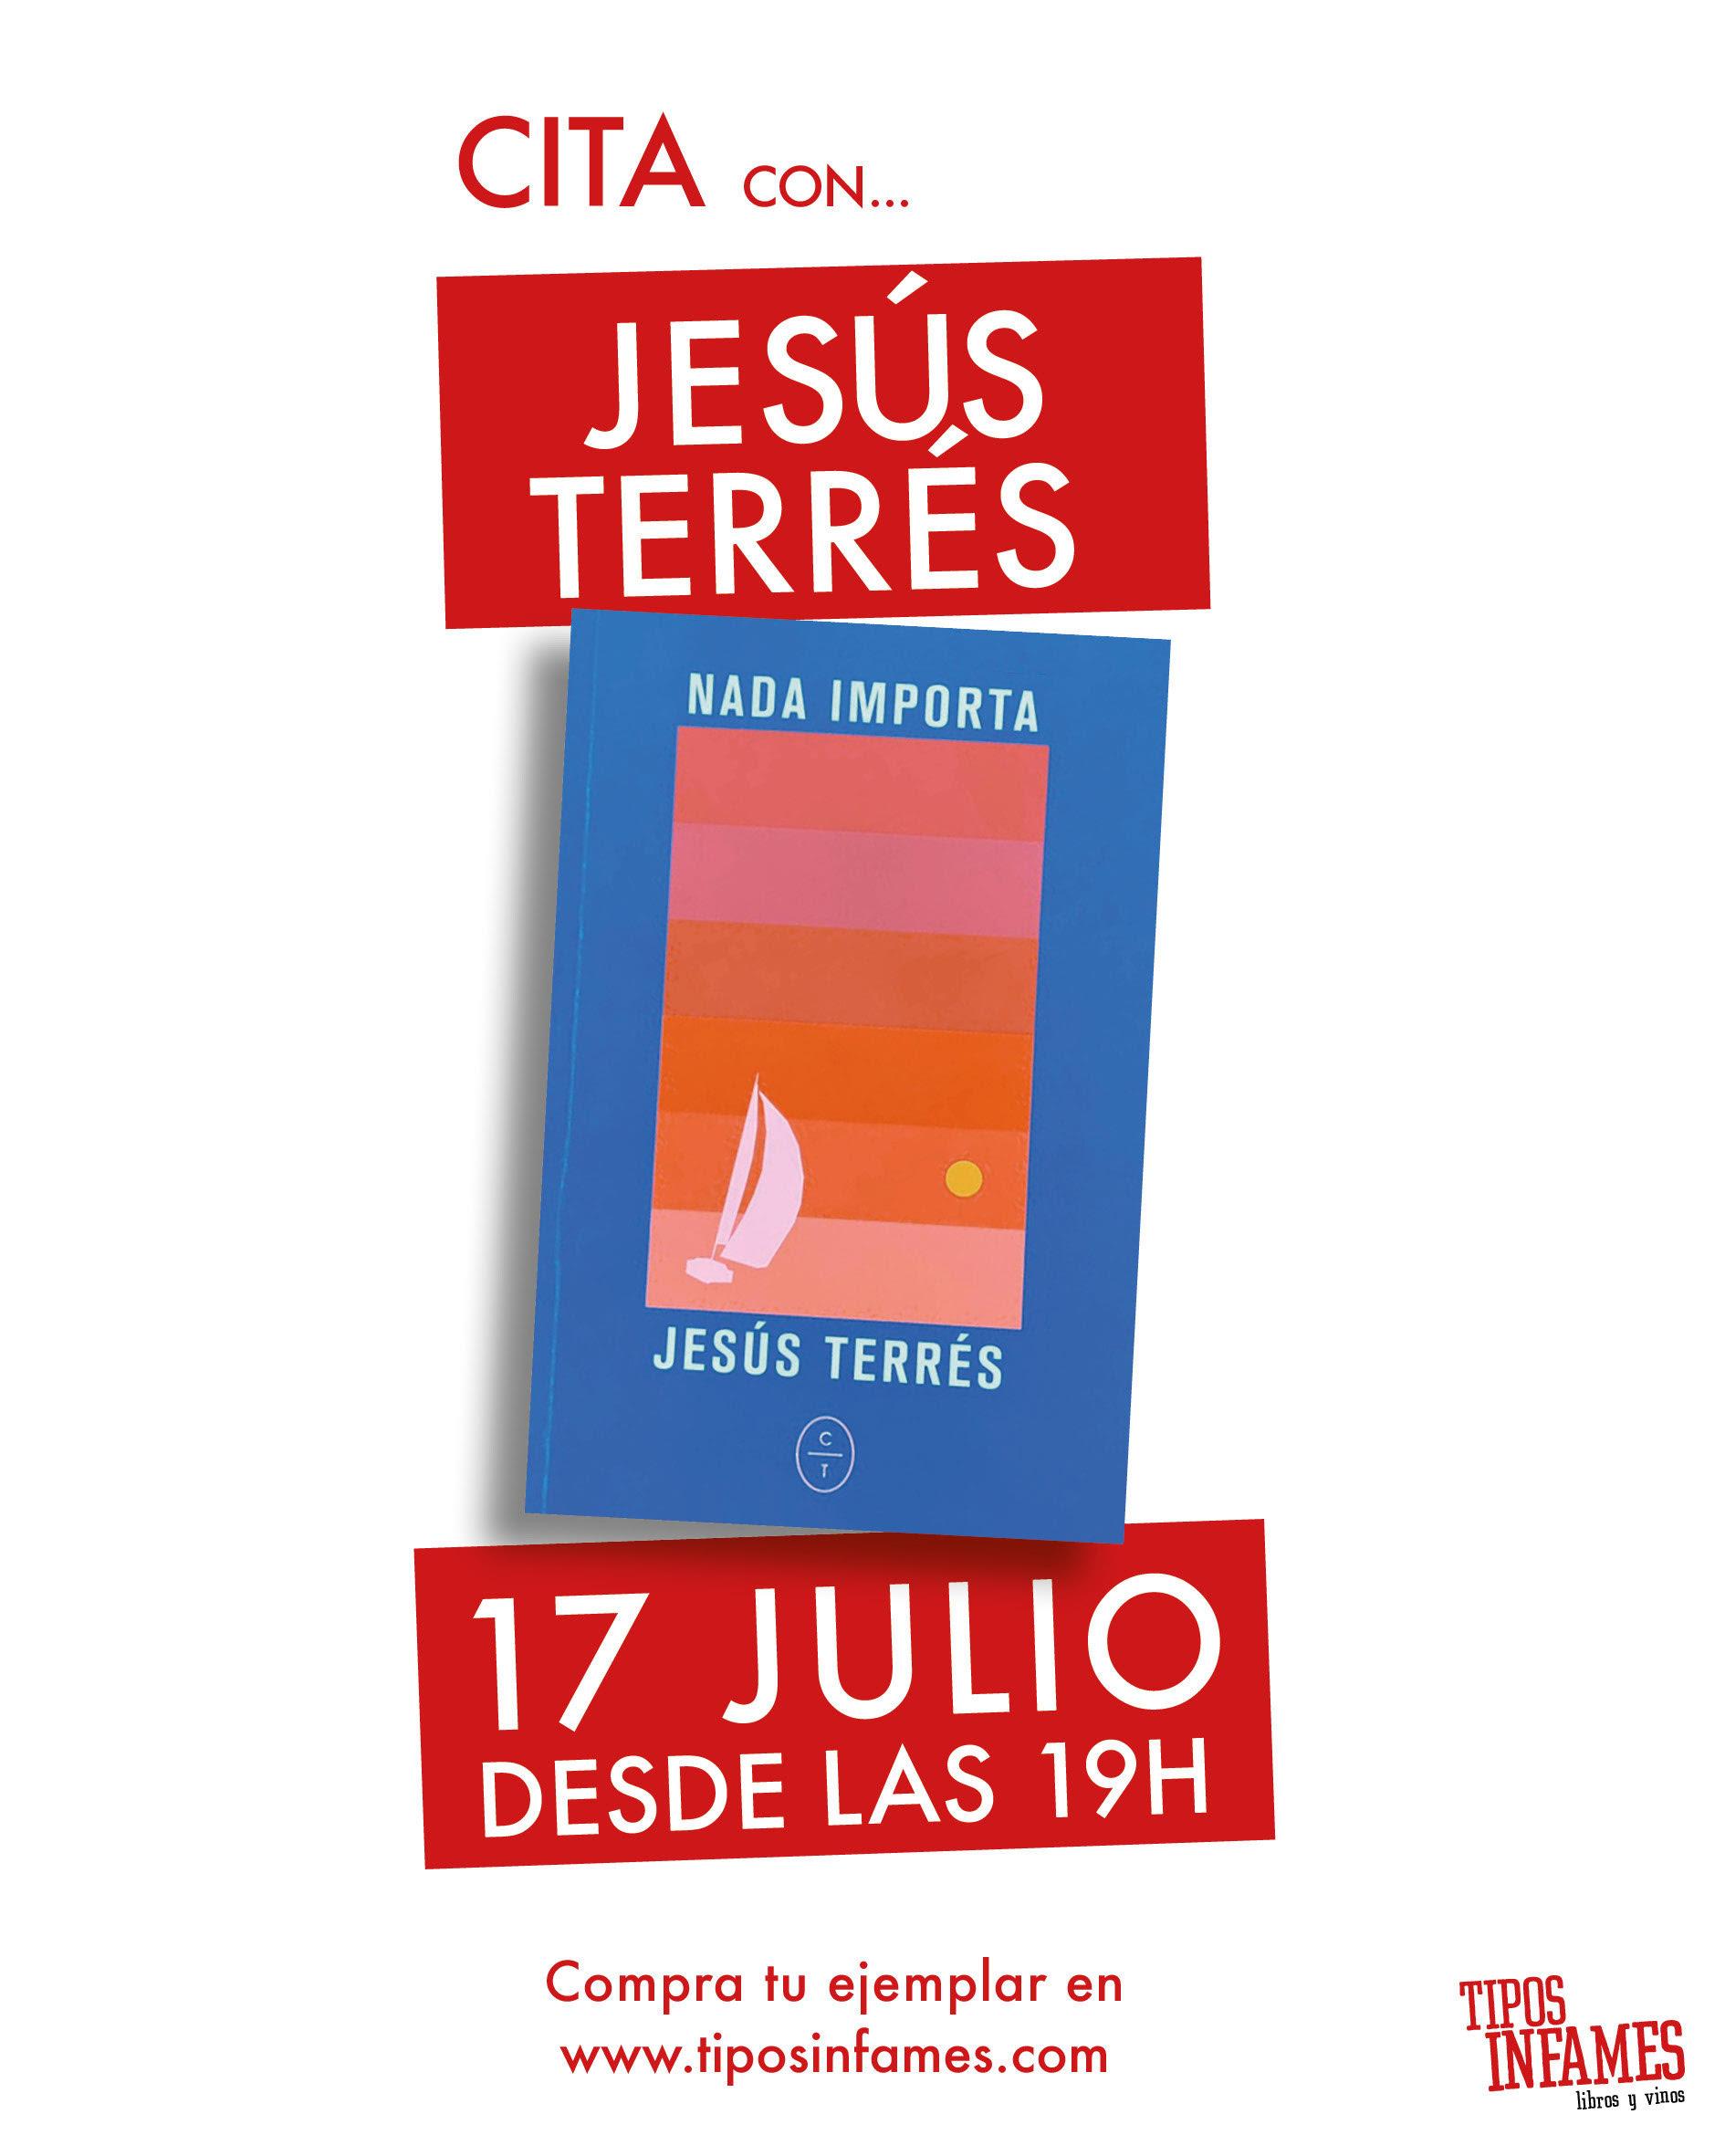 Cita con Jesús Terrés en Tipos Infames